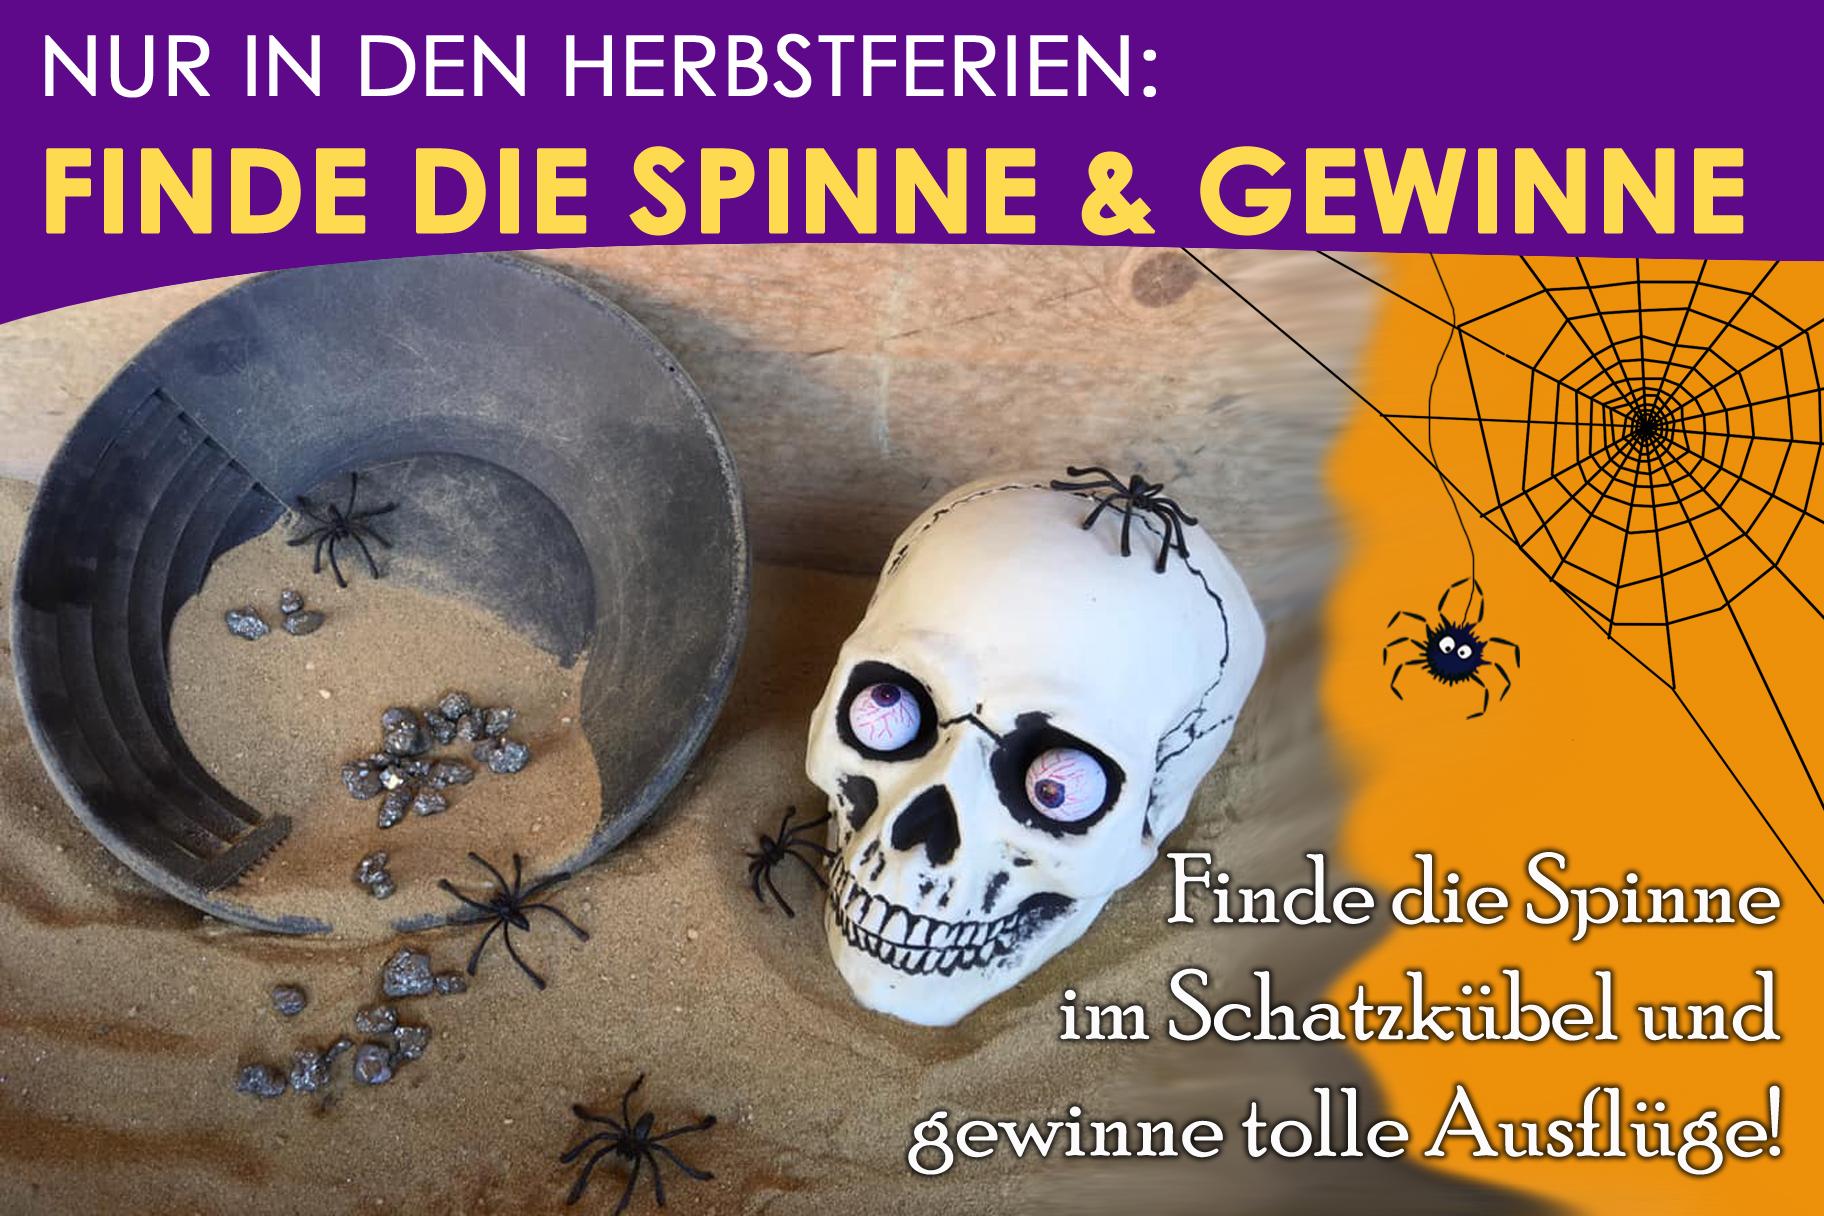 Finde die Spinne & Gewinne